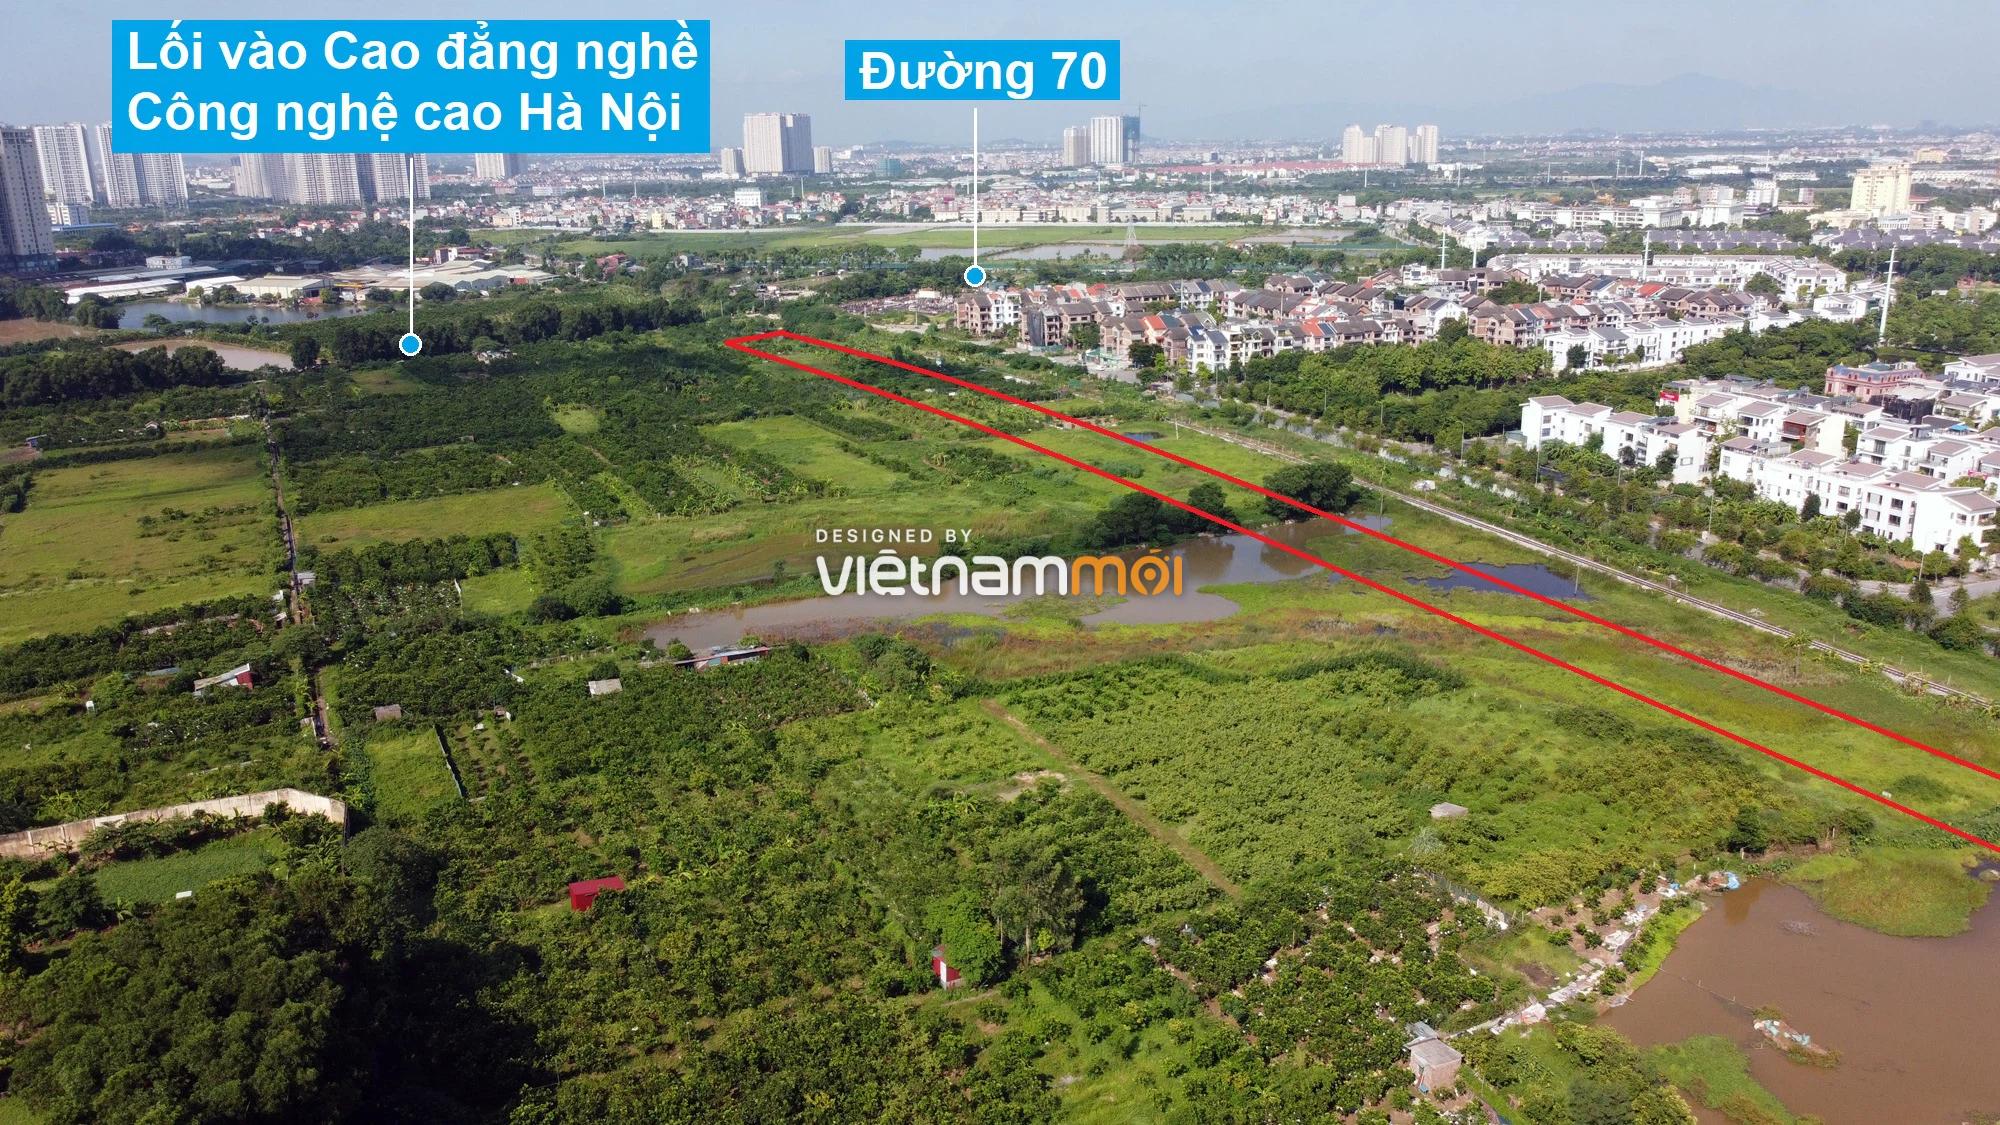 Những khu đất sắp thu hồi để mở đường ở phường Xuân Phương, Nam Từ Liêm, Hà Nội (phần 6) - Ảnh 9.